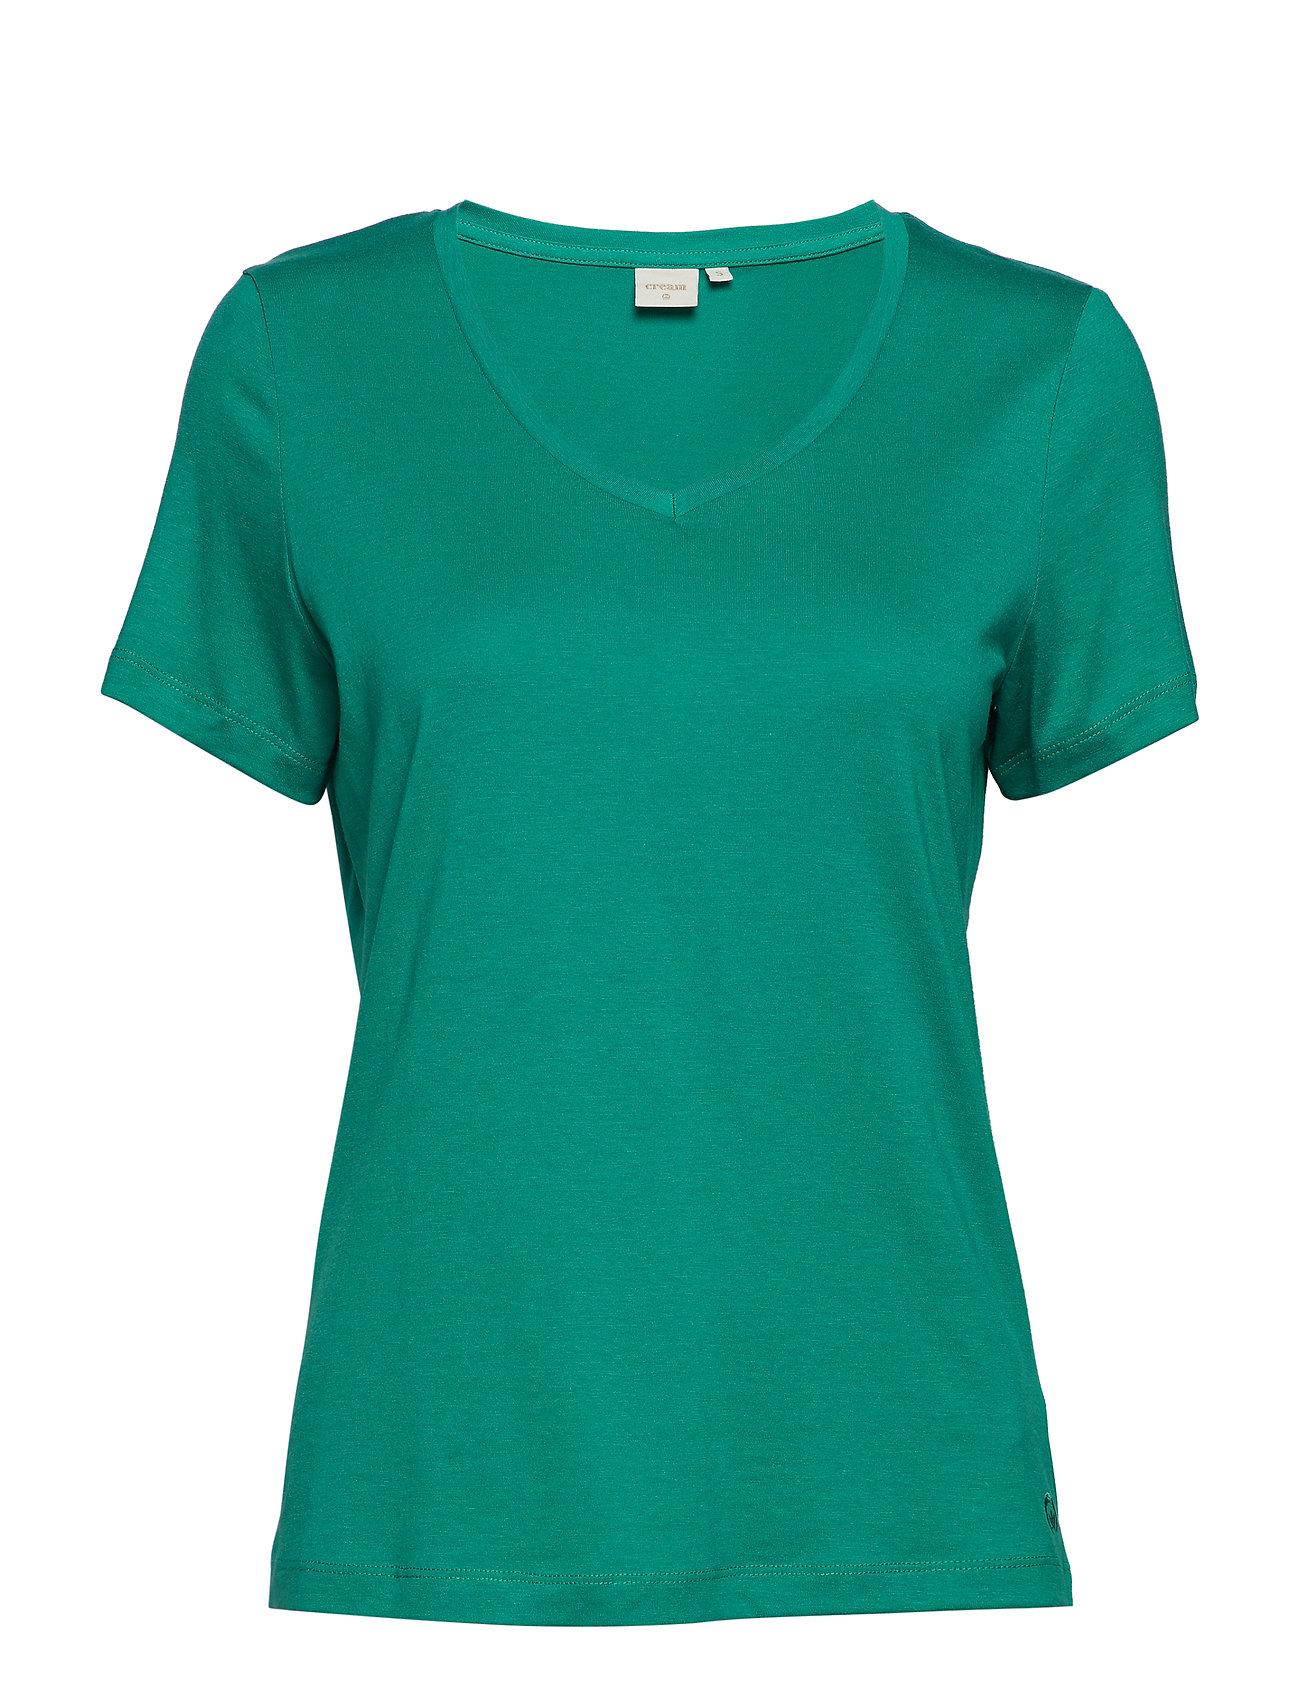 shirt GreenCream Bcibottle shirt T shirt GreenCream Bcibottle T Naia Naia T Naia Bcibottle 9HE2DI